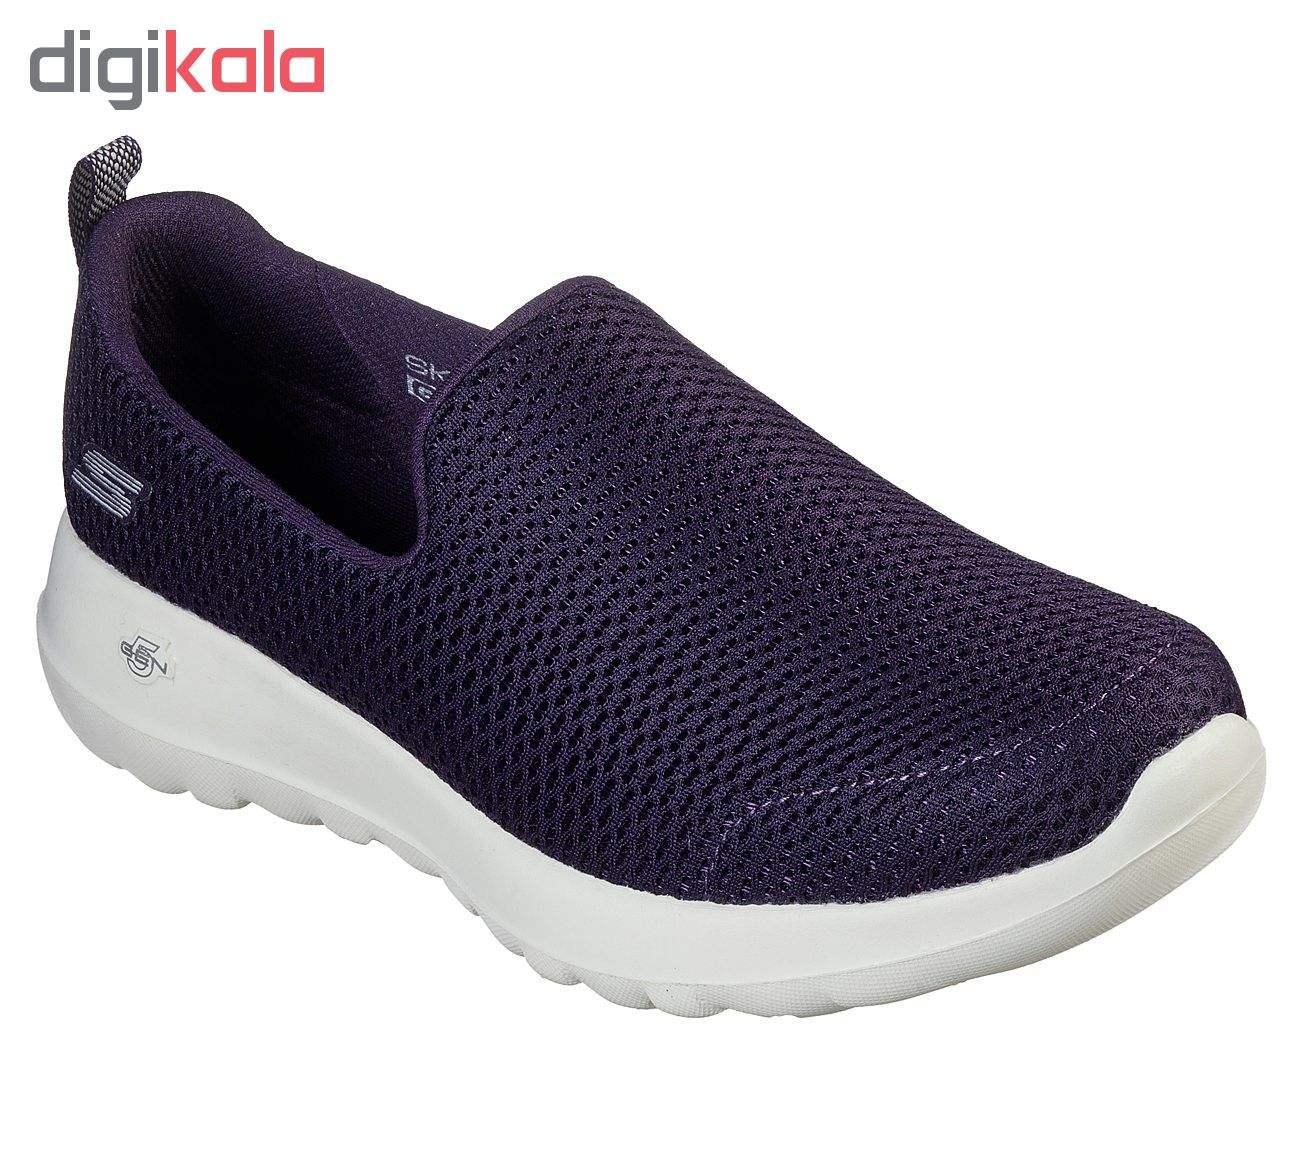 کفش مخصوص پیاده روی زنانه اسکچرز مدلMIRACLE 15600 NVW